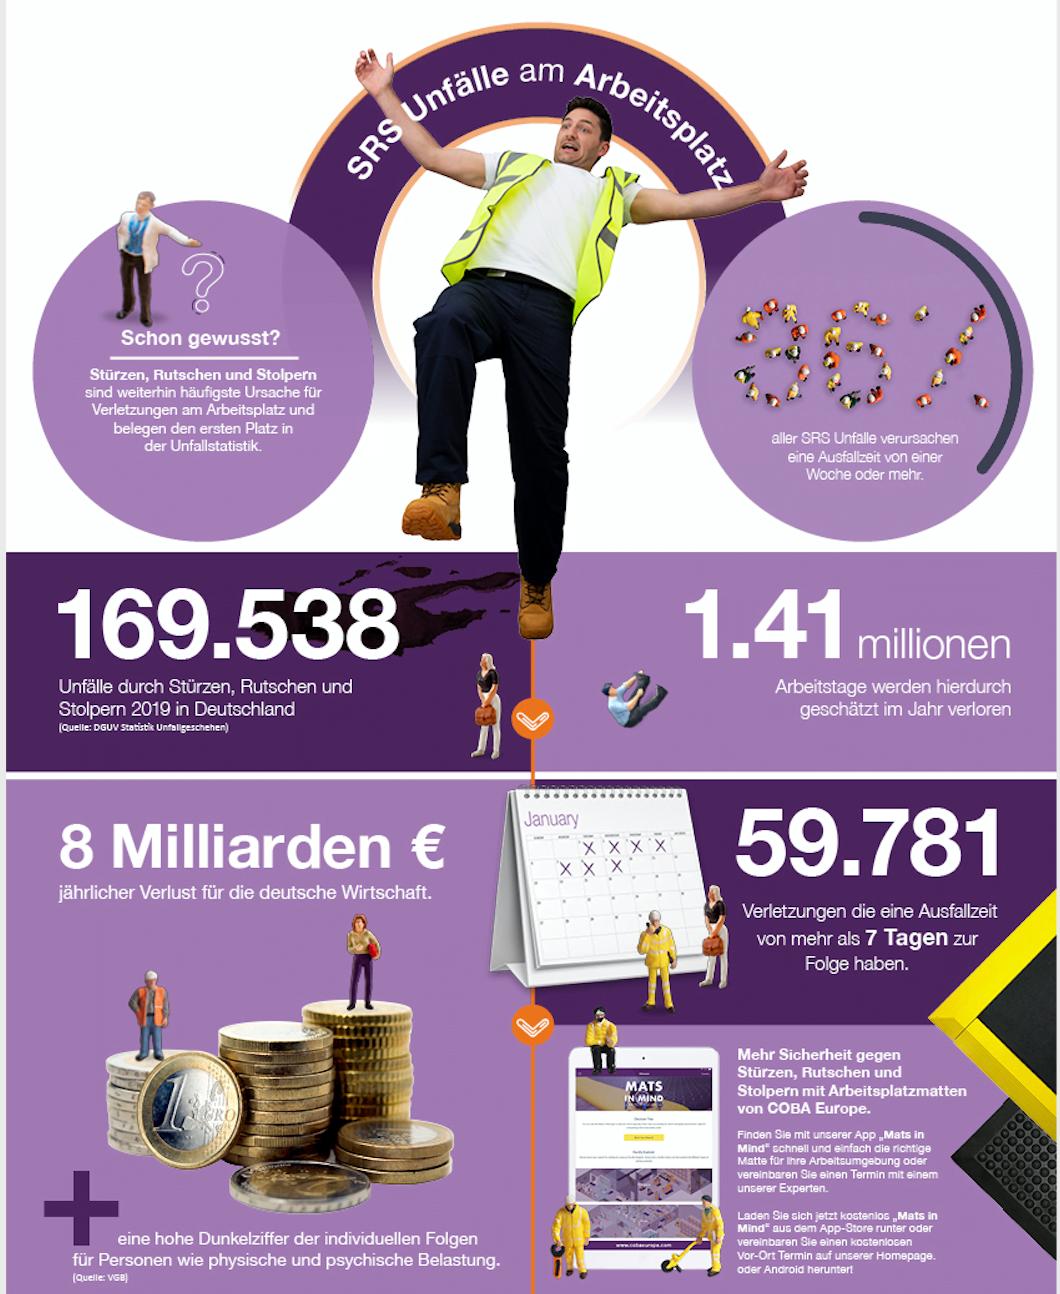 RS Unfälle (Stolper, Rutsch und Sturz) Poster Statistik 2019